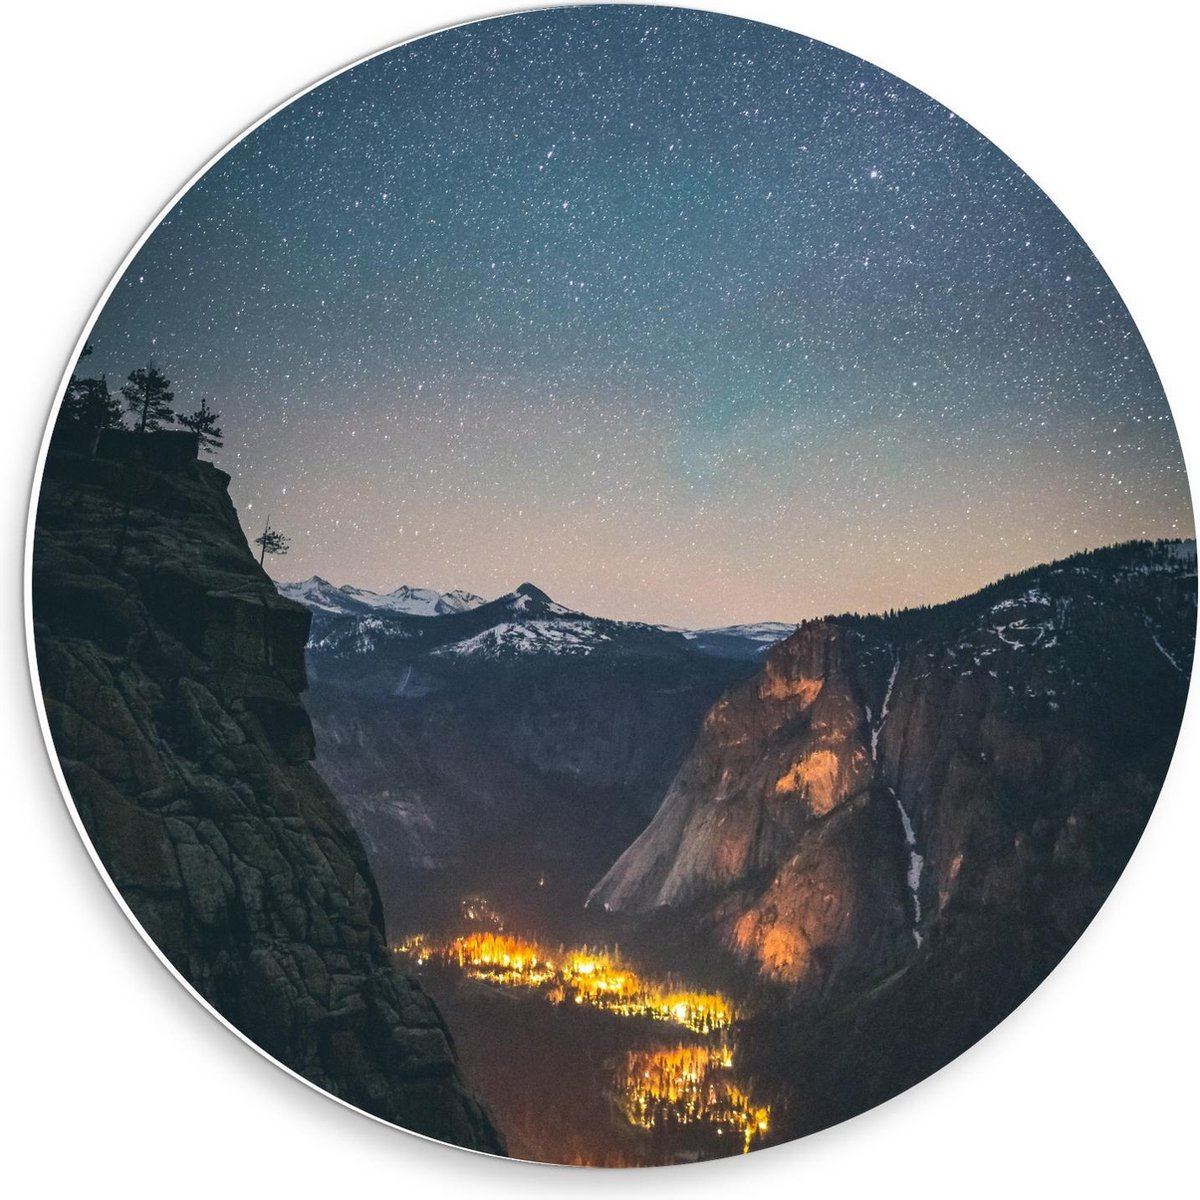 Forex Wandcirkel - Dal tussen Bergen met Lichtjes - 30x30cm Foto op Wandcirkel (met ophangsysteem)